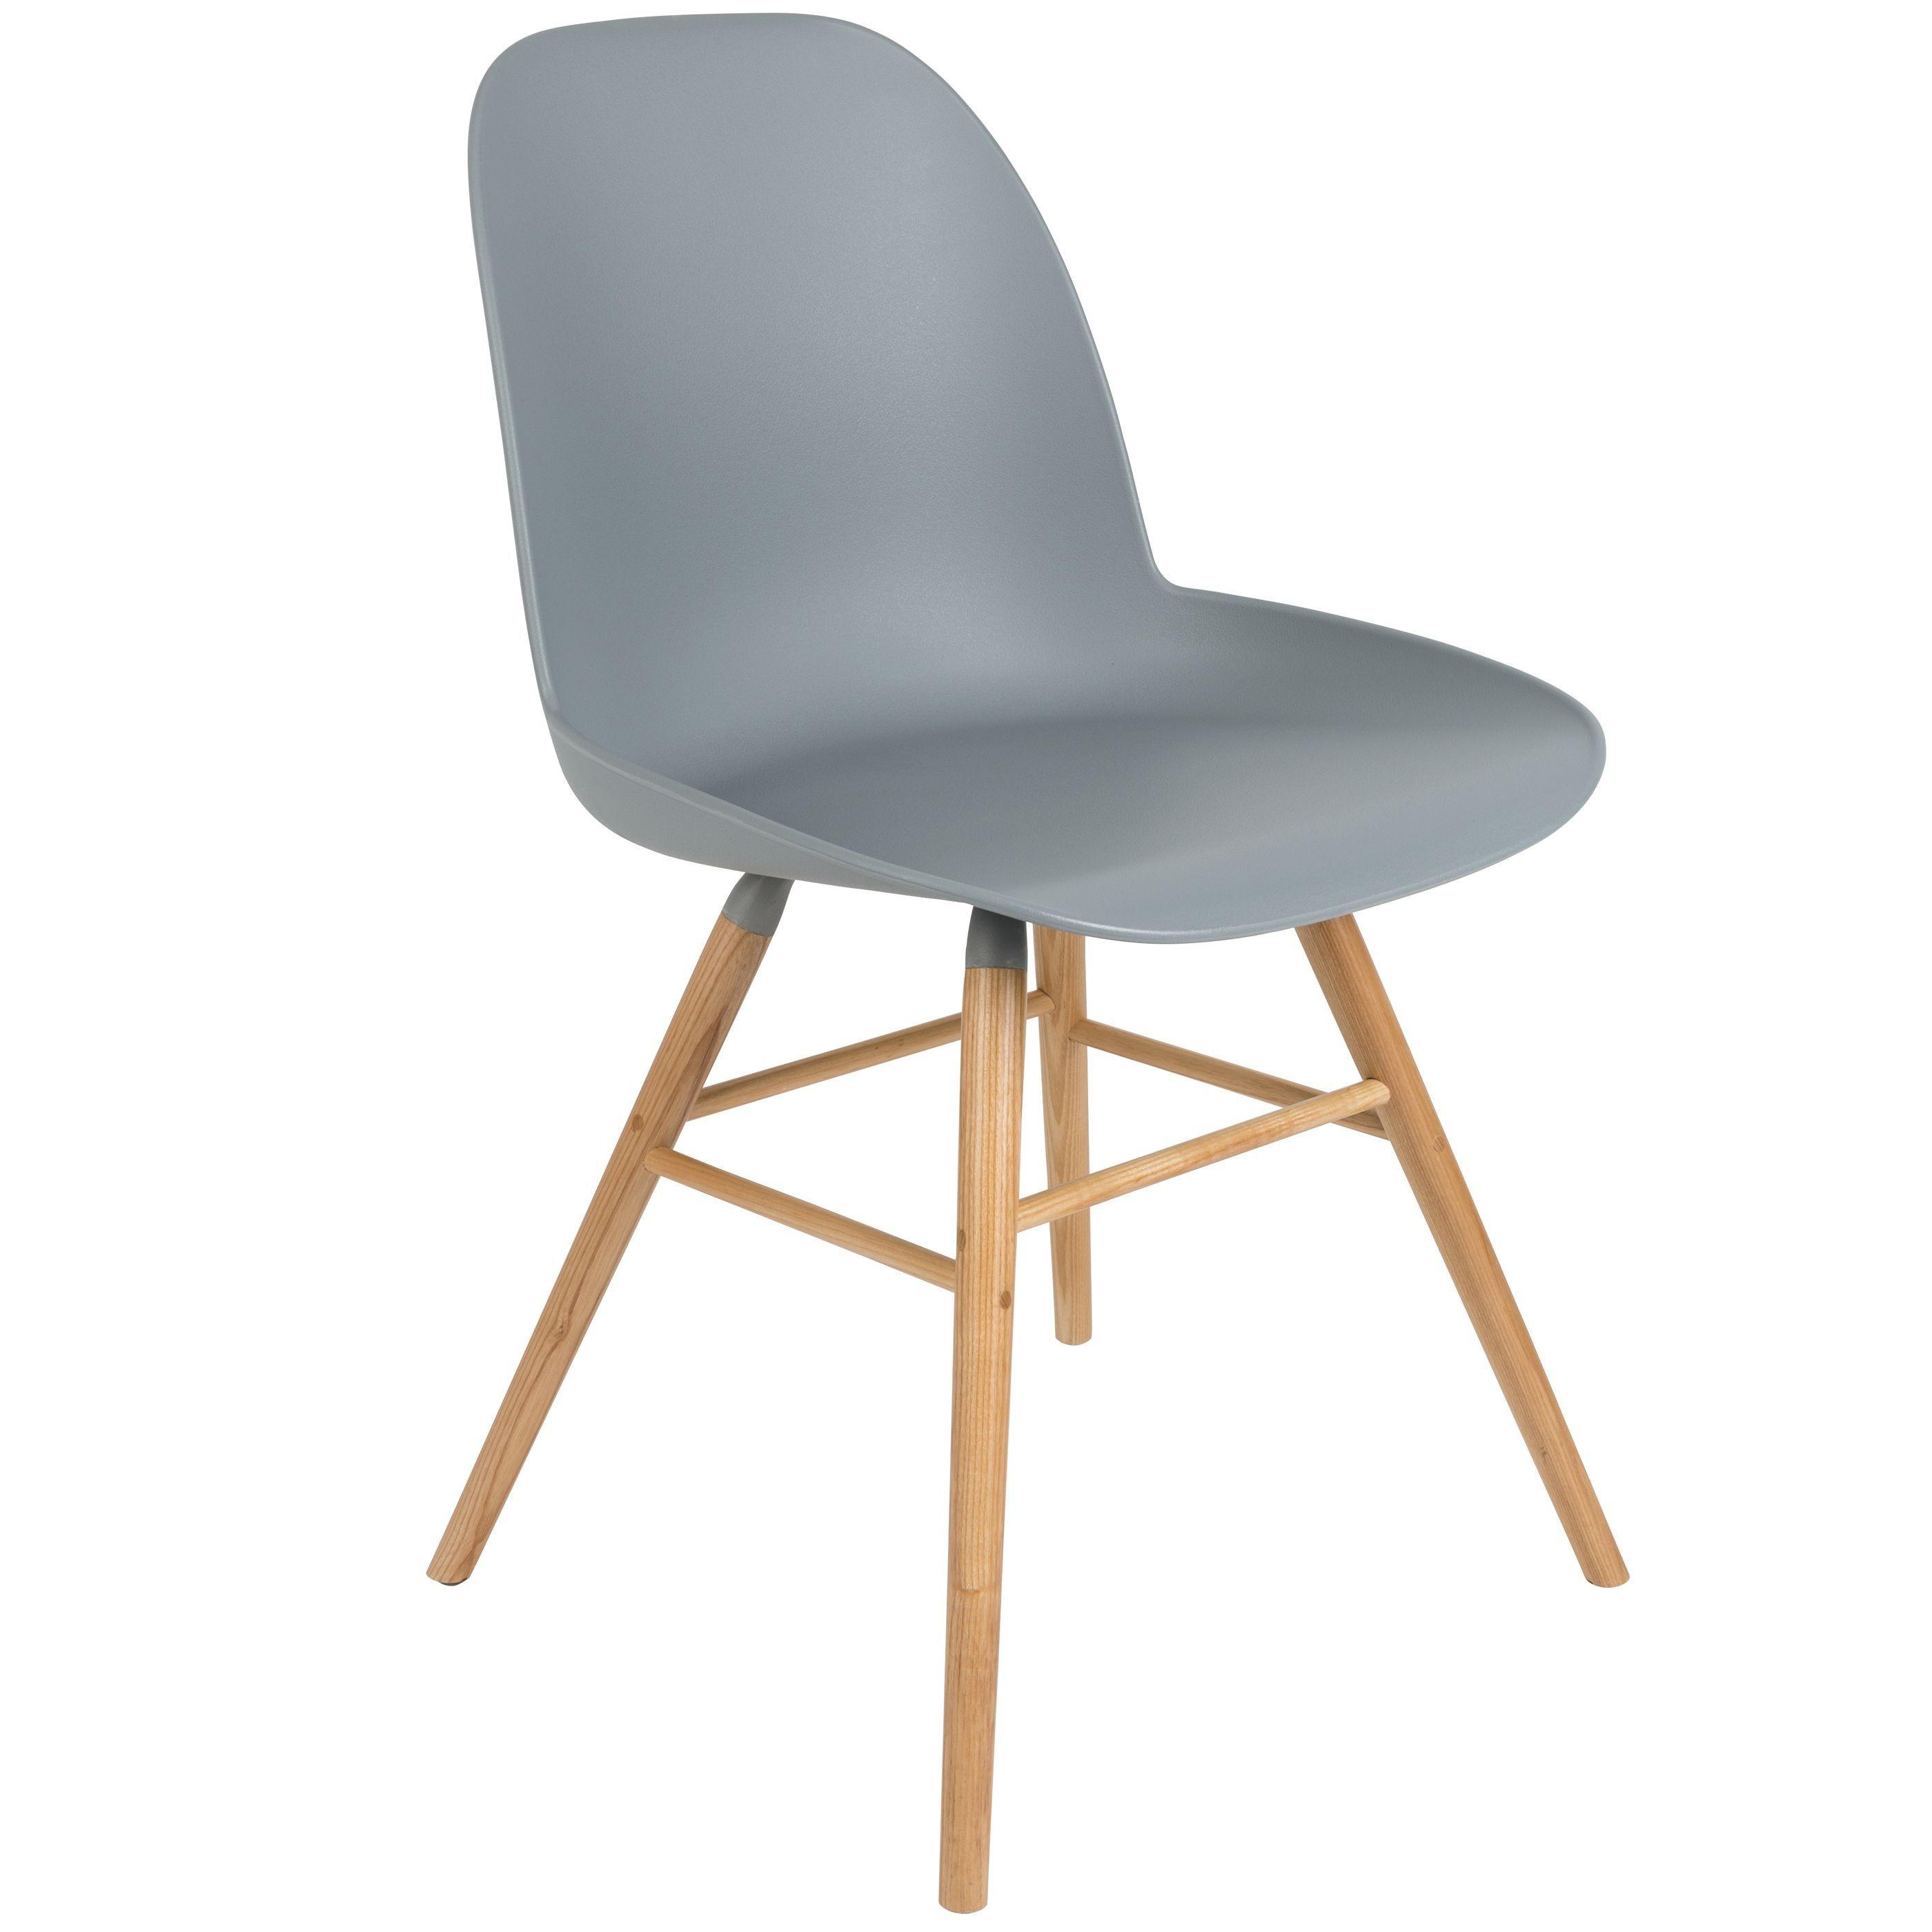 armchair meaning office chair staples zuiver albert kuip stoel flinders verzendt gratis